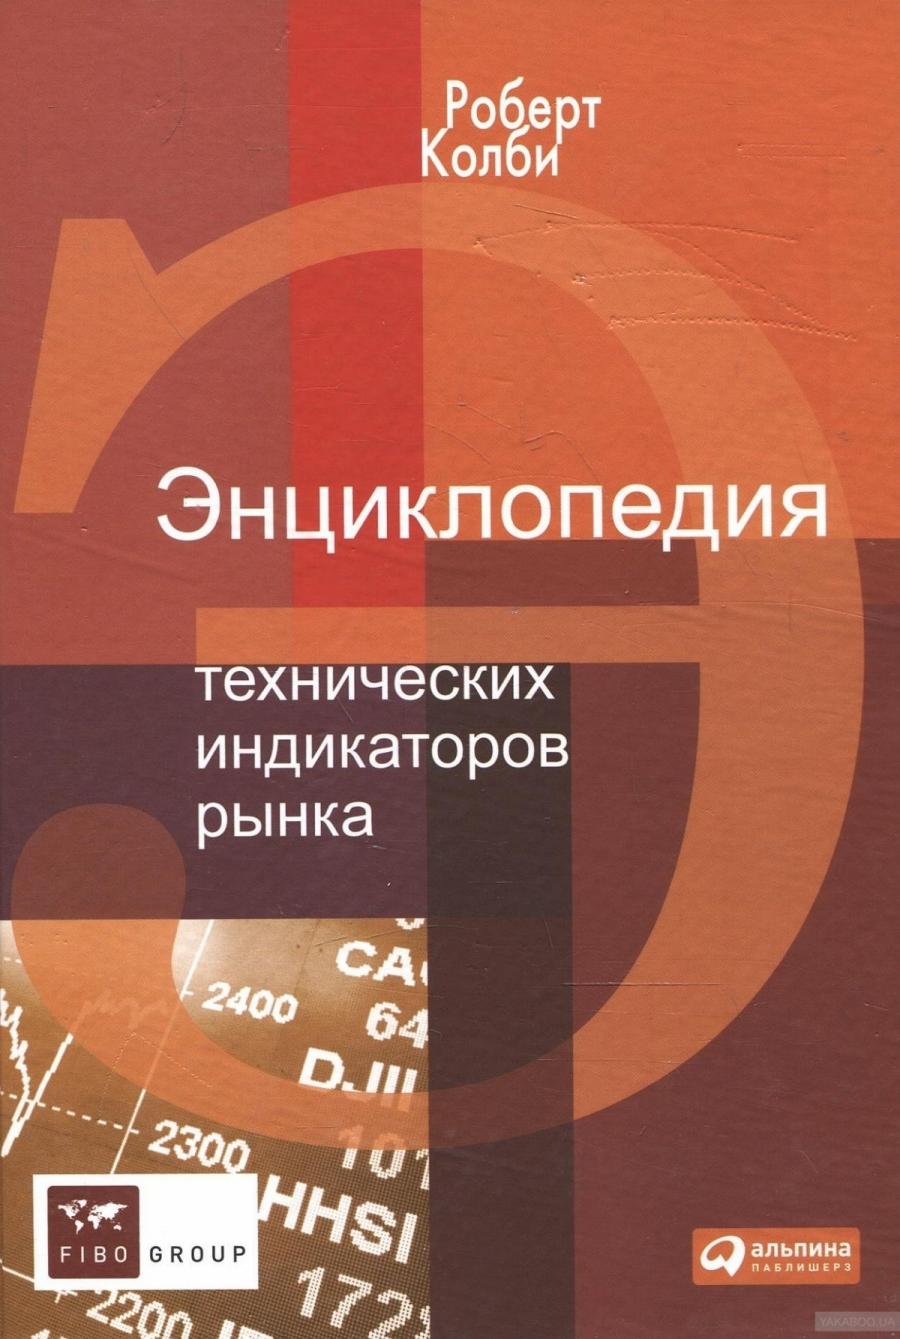 Обложка книги:  роберт в. колби - энциклопедия технических индикаторов